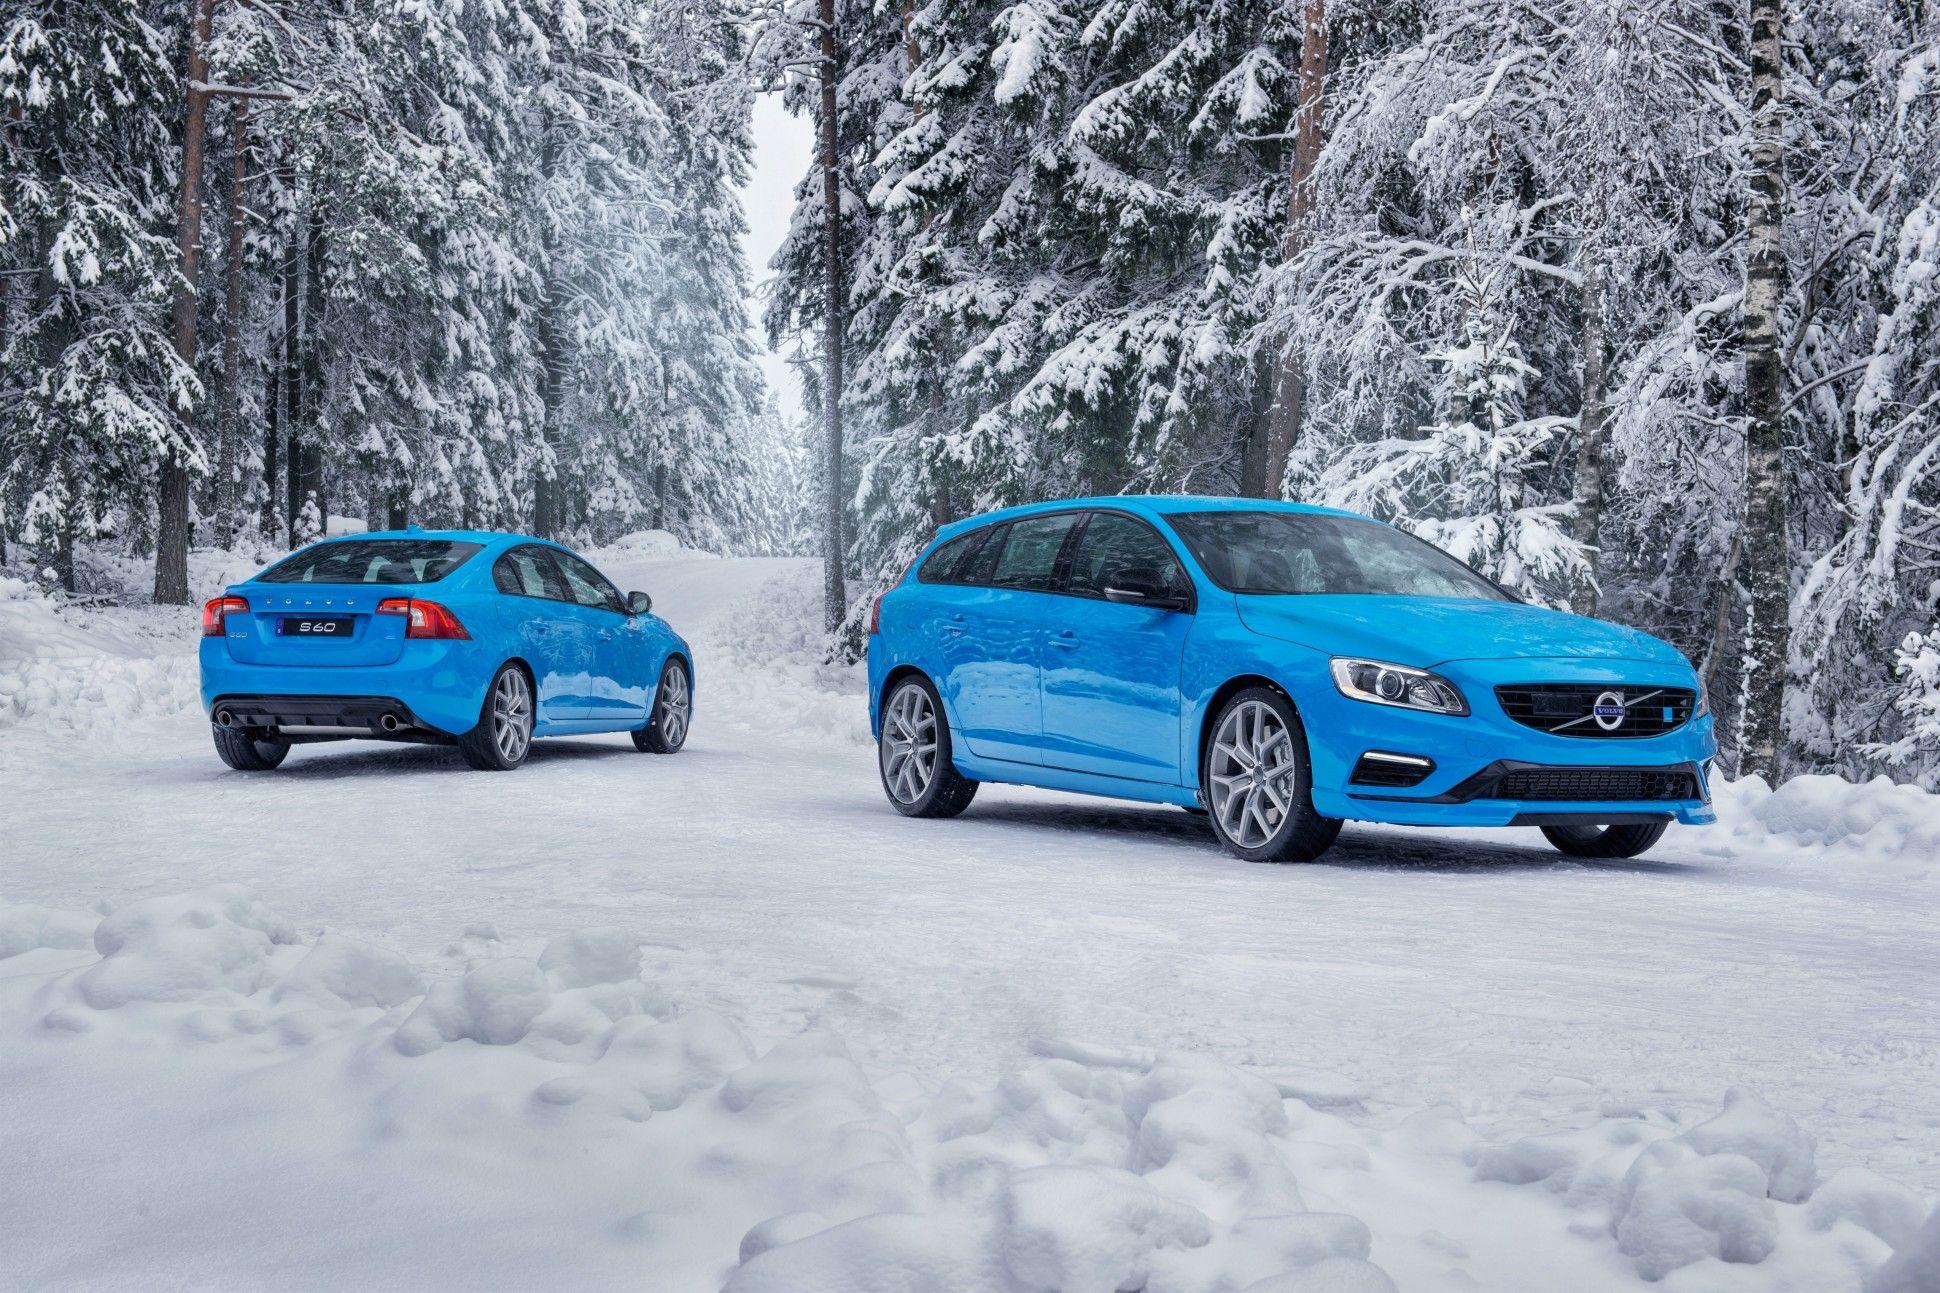 2016 volvo s60 polestar sedan and v60 polestar wagon volvo believes adding new performance